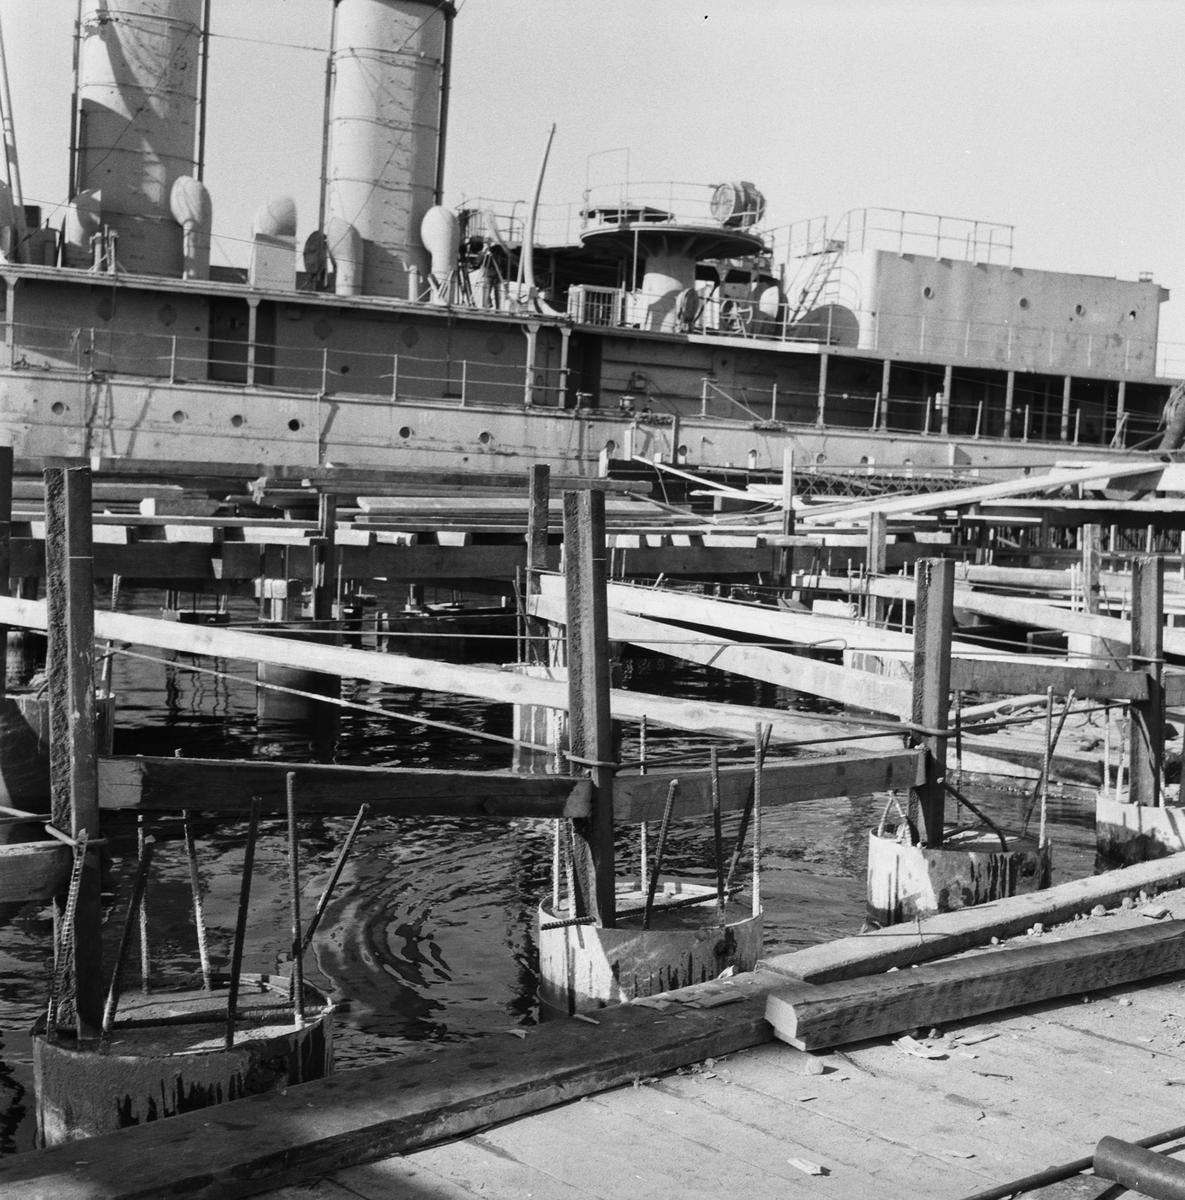 Övrigt: Fotodatum:9/3 1959 Byggnader och Kranar. Nya utrustningspiren under byggnad.